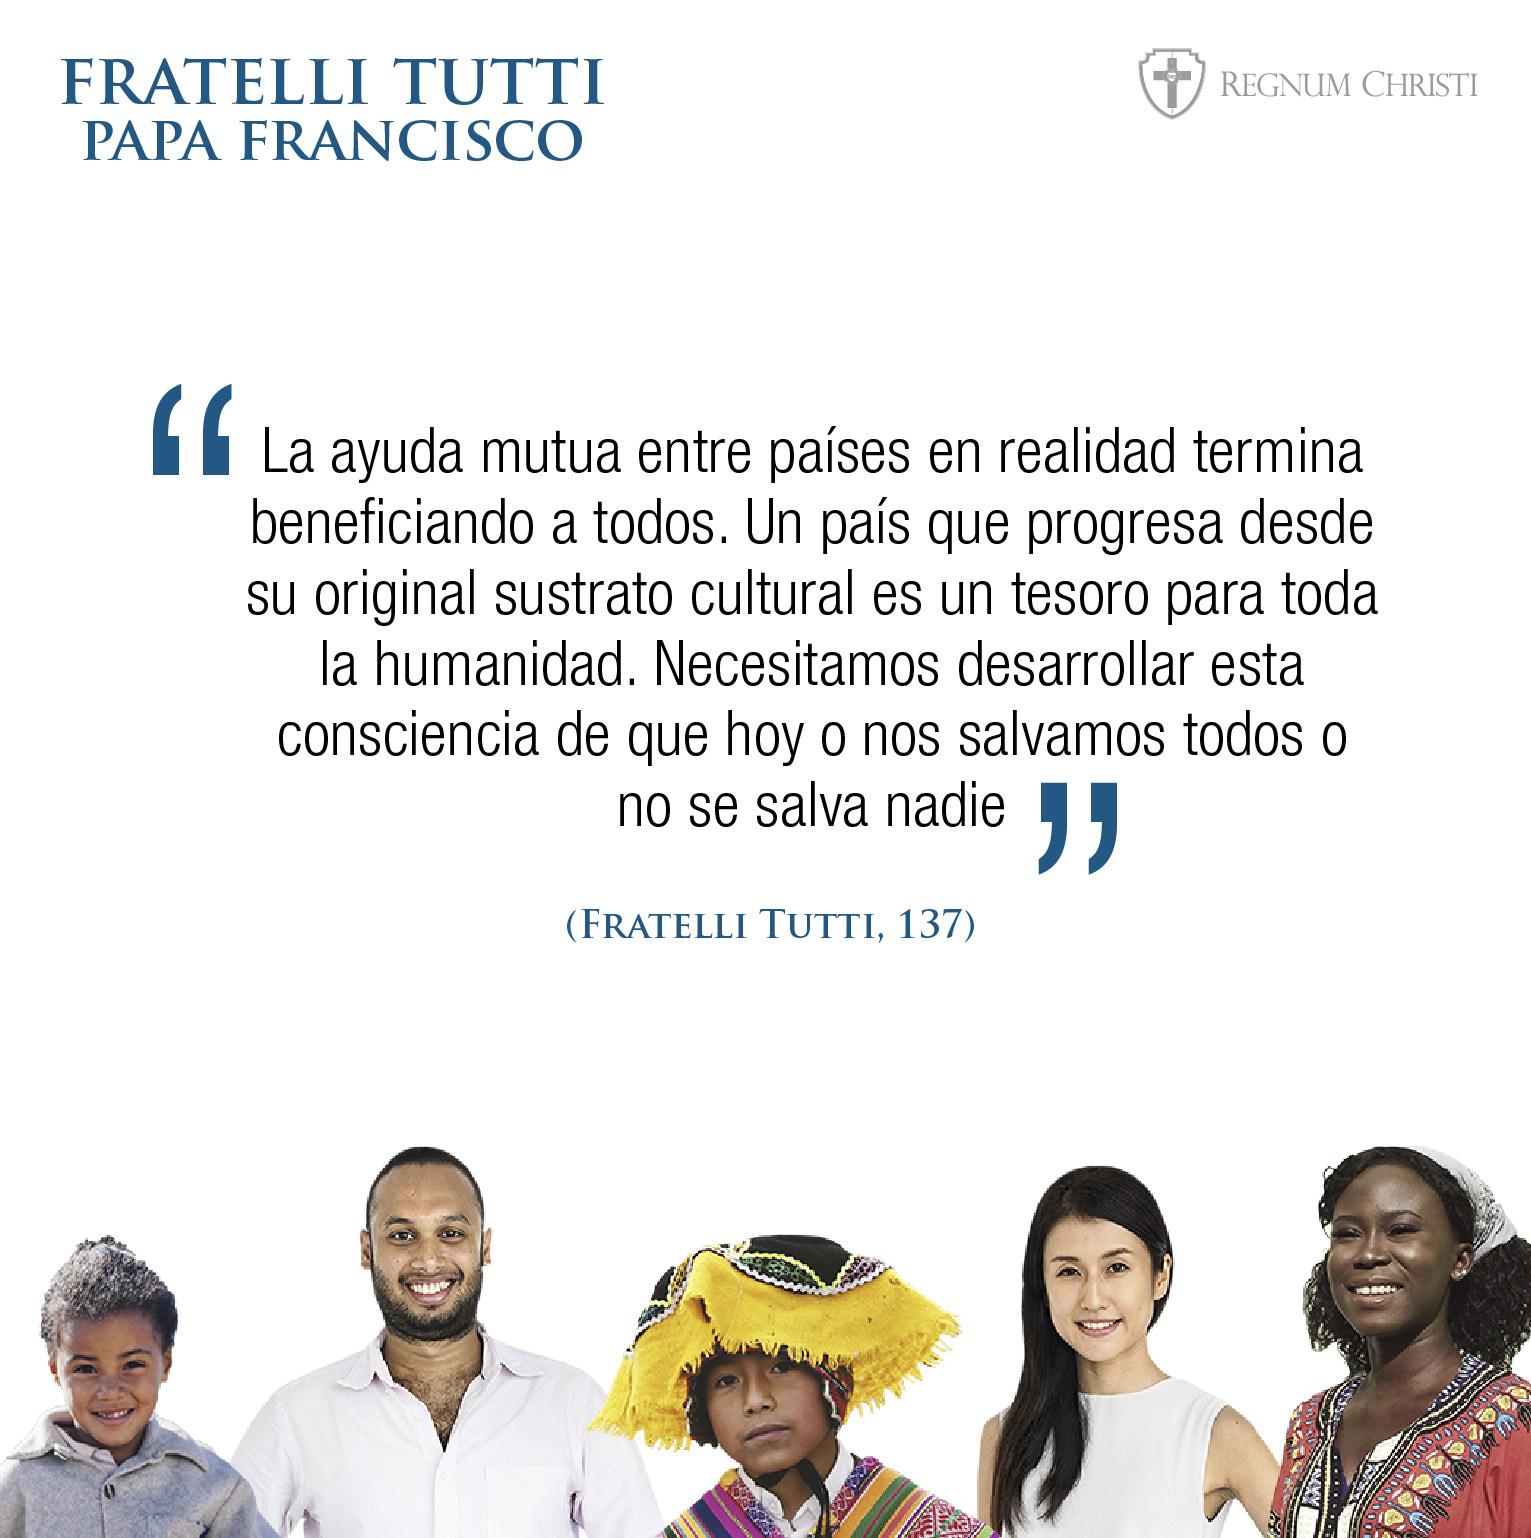 Fratelli Tutti-07